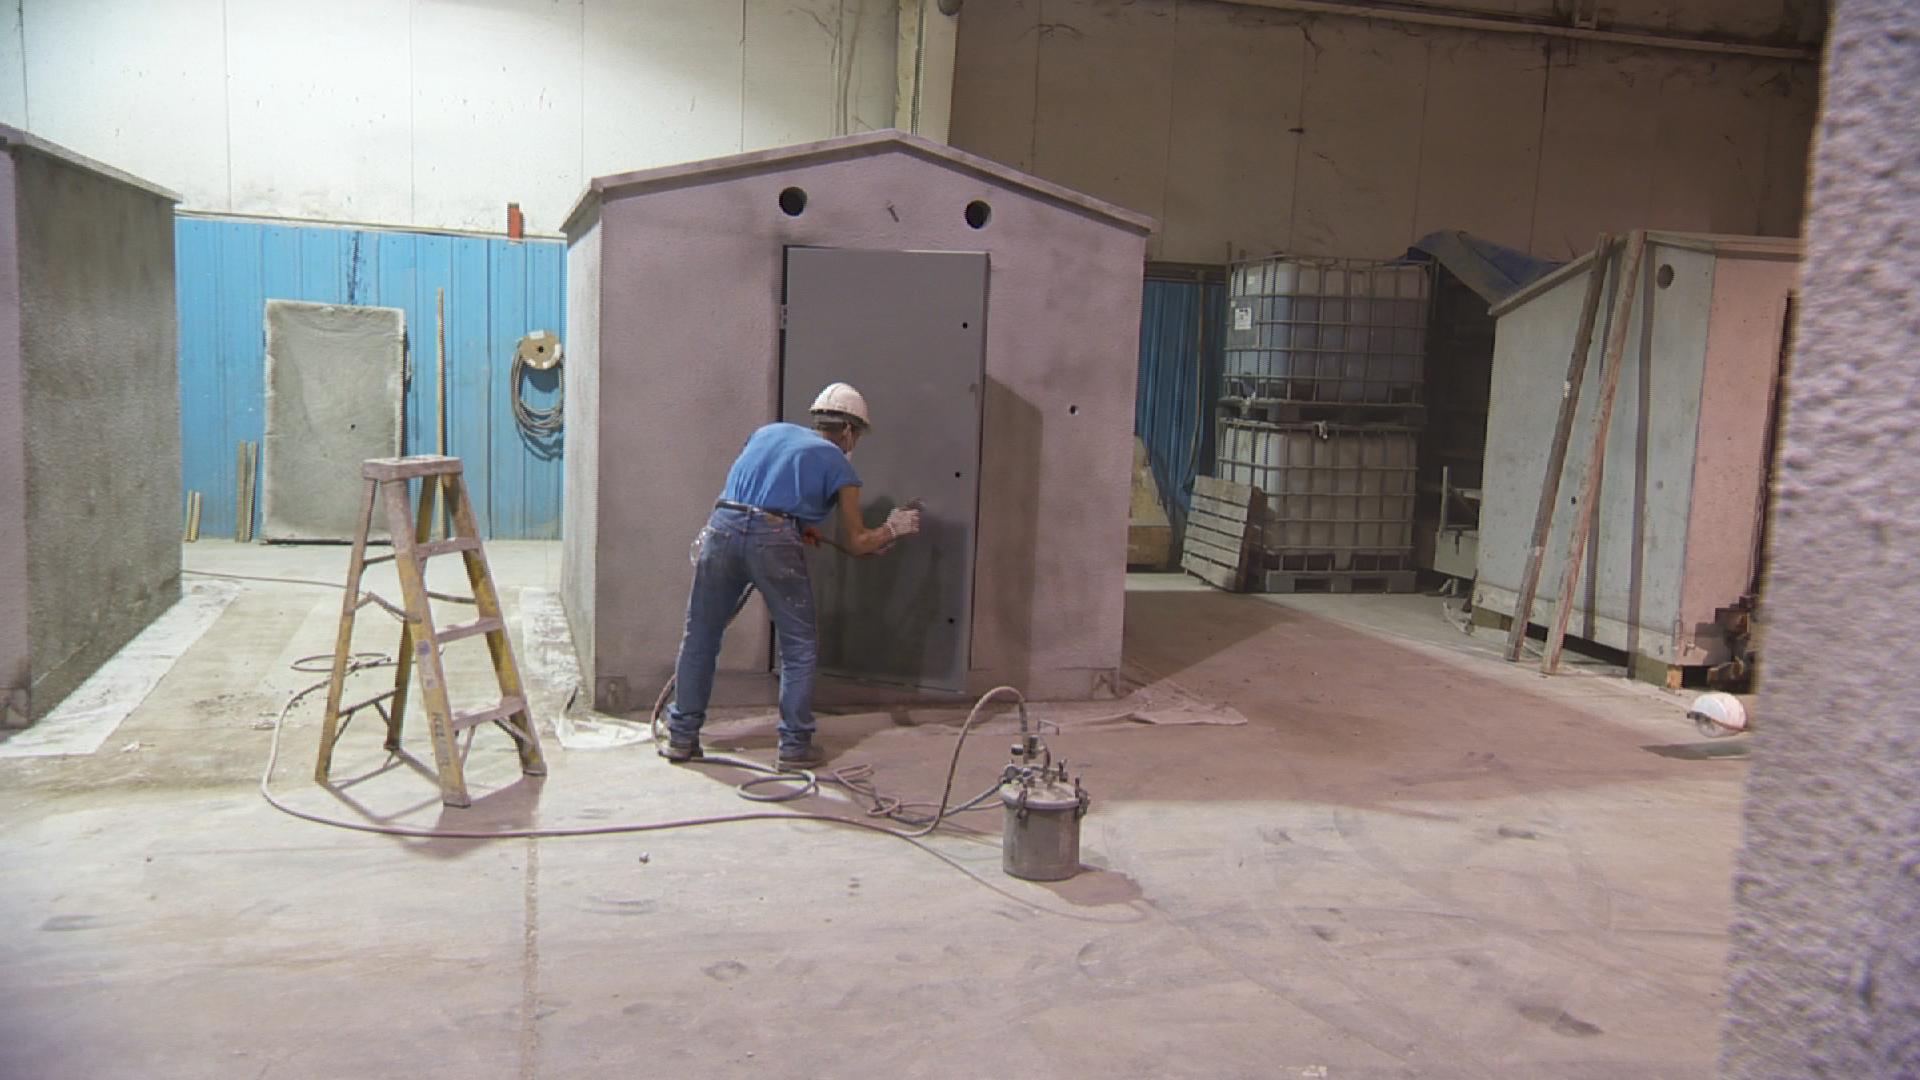 Above Ground Steel Shelter : Safe sheds above ground tornado shelters wsiu